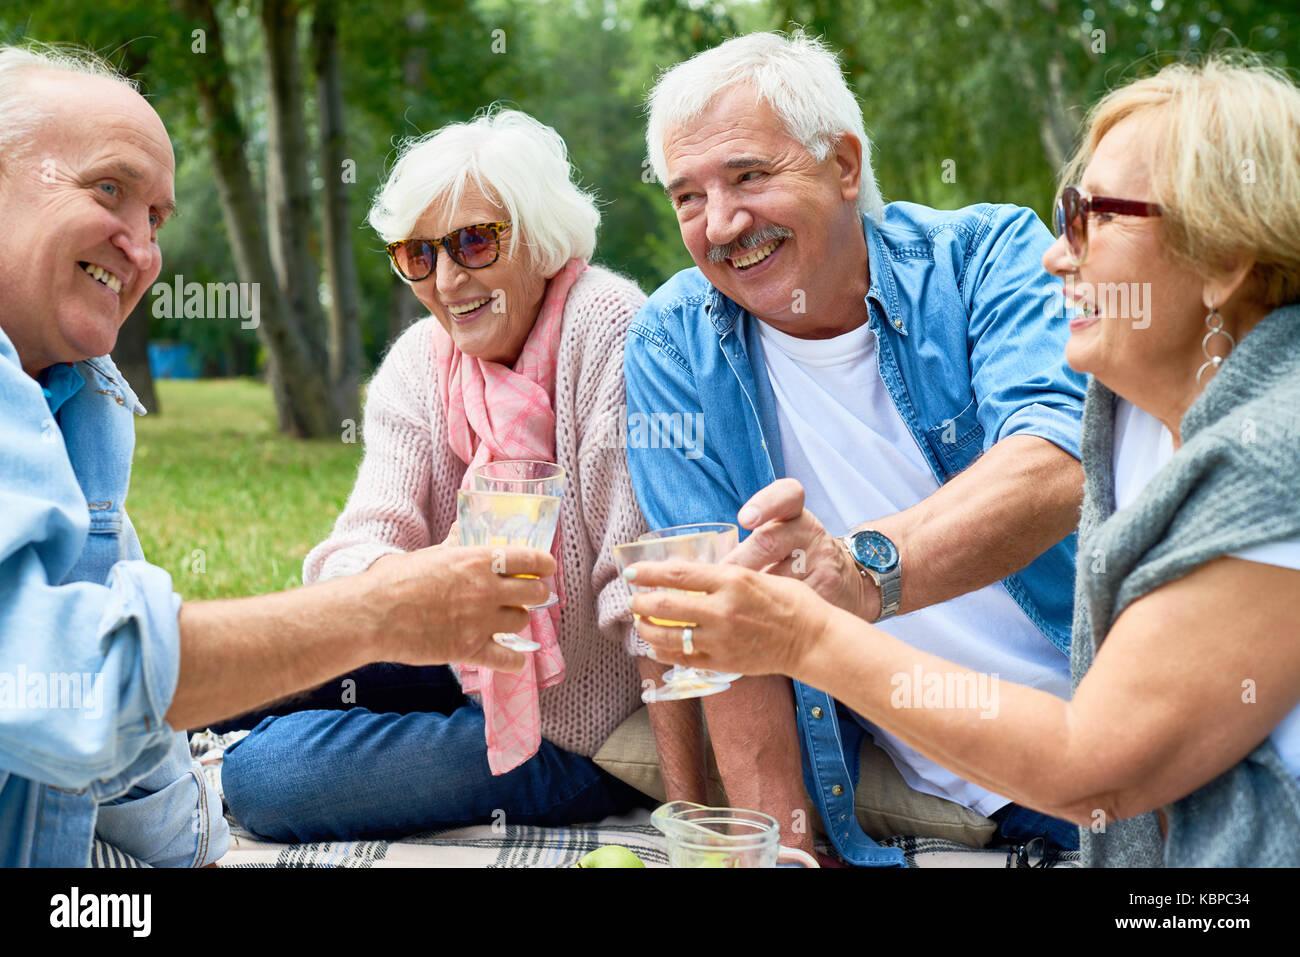 Two joyful senior couples toasting with glasses of orange juice while celebrating momentous event at green park Stock Photo